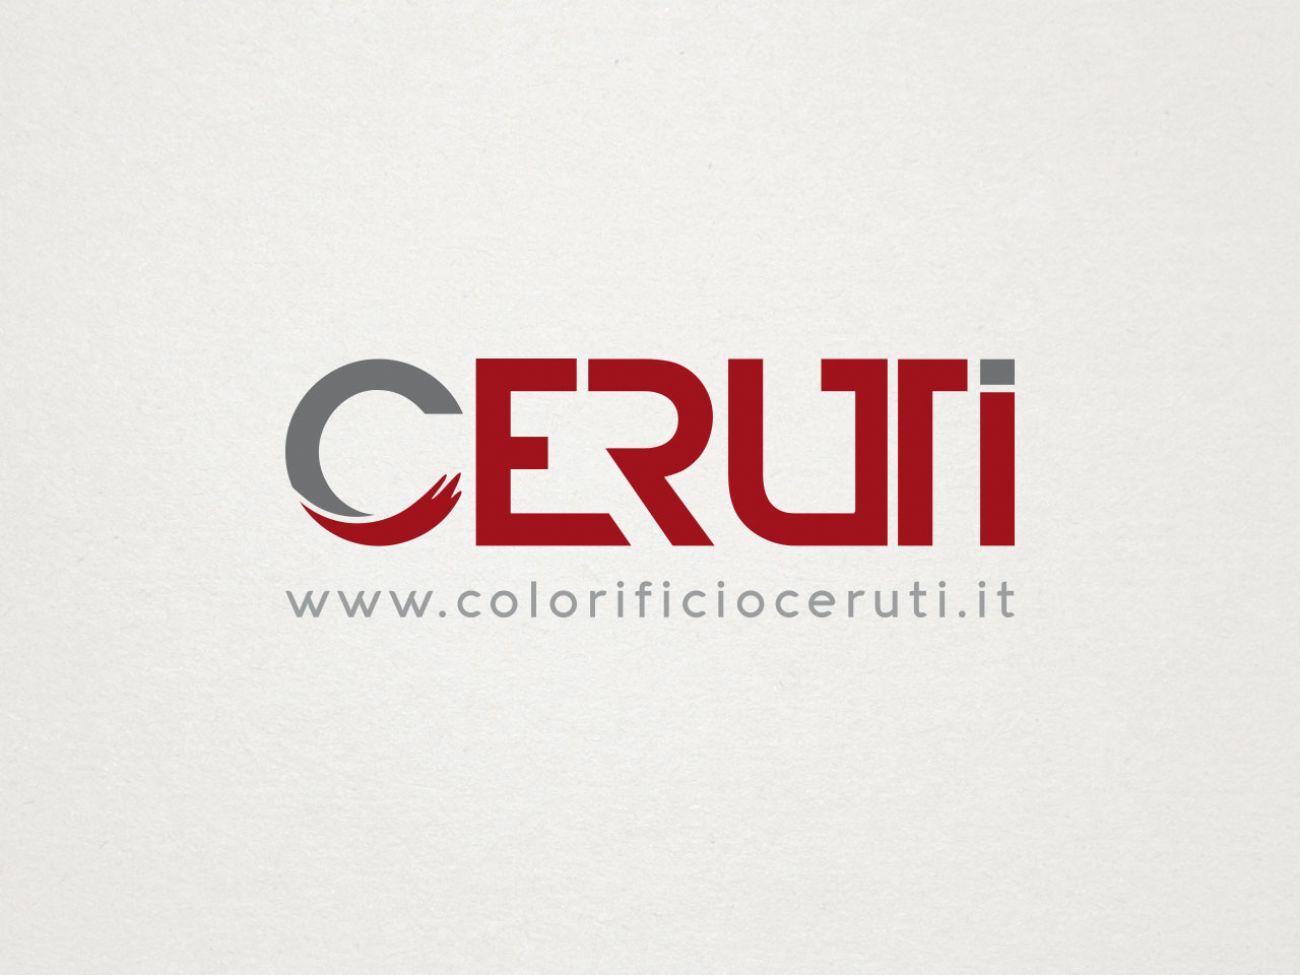 Logo per colorificio